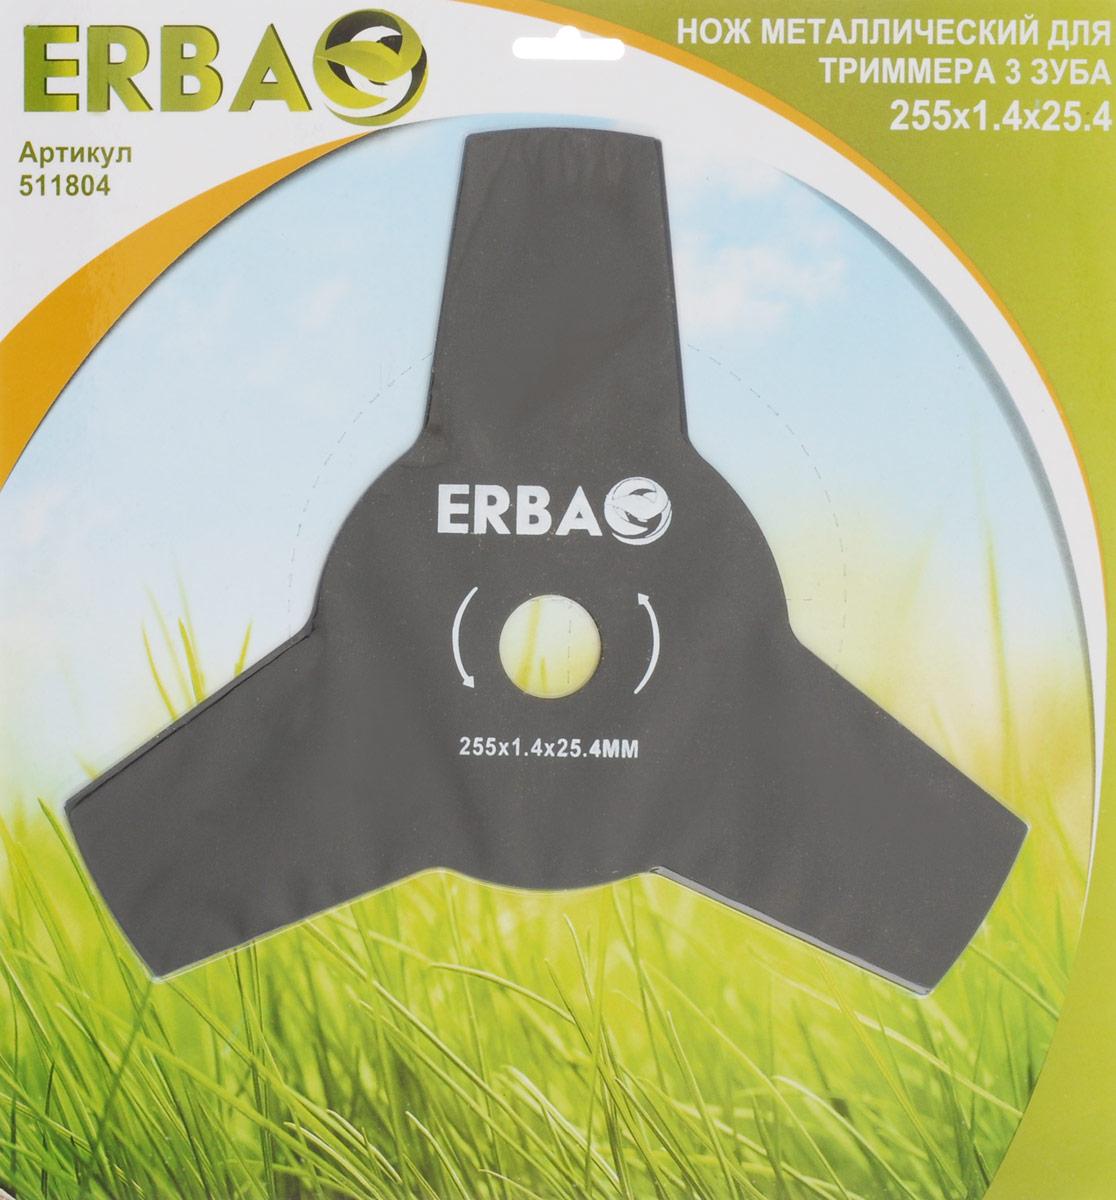 Нож для триммера Erba, диаметр 255 мм, толщина 1,4 мм нож для триммера skil 0739